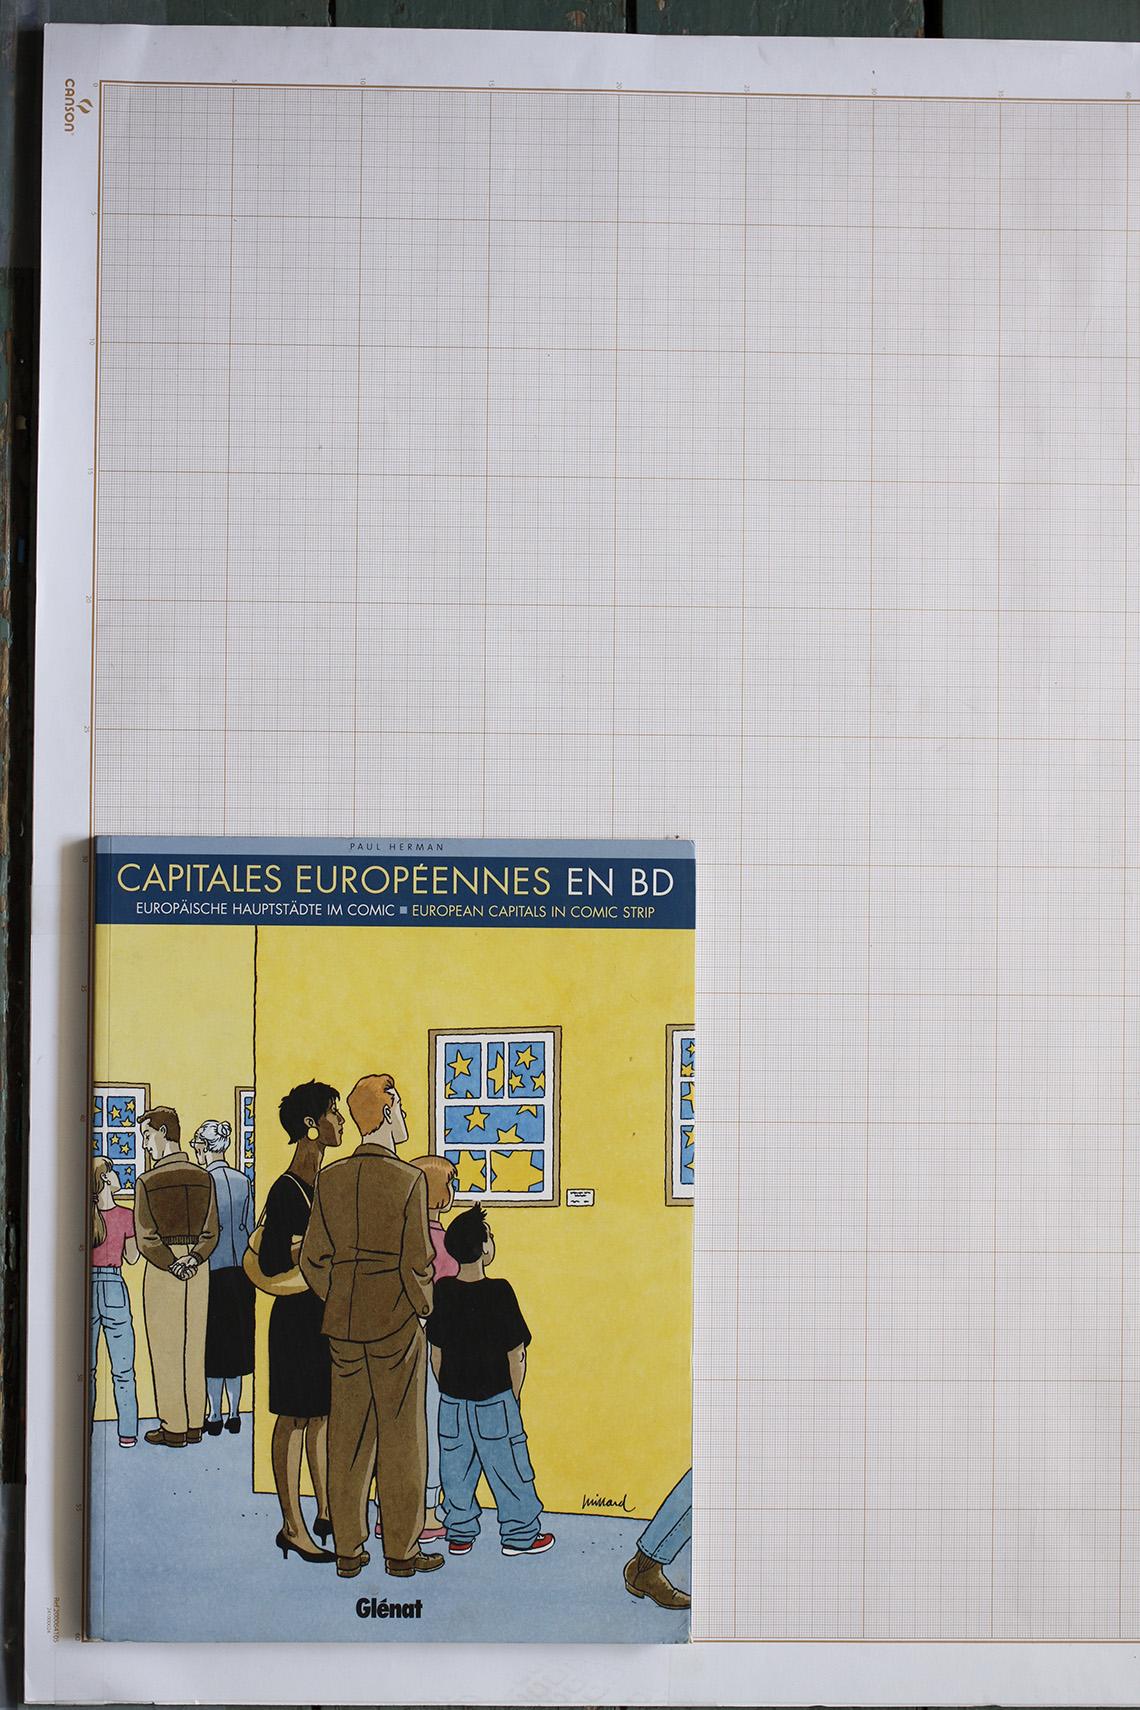 Capitales européennes en BD, P. Herman - Glénat© Maison Autrique, 2007